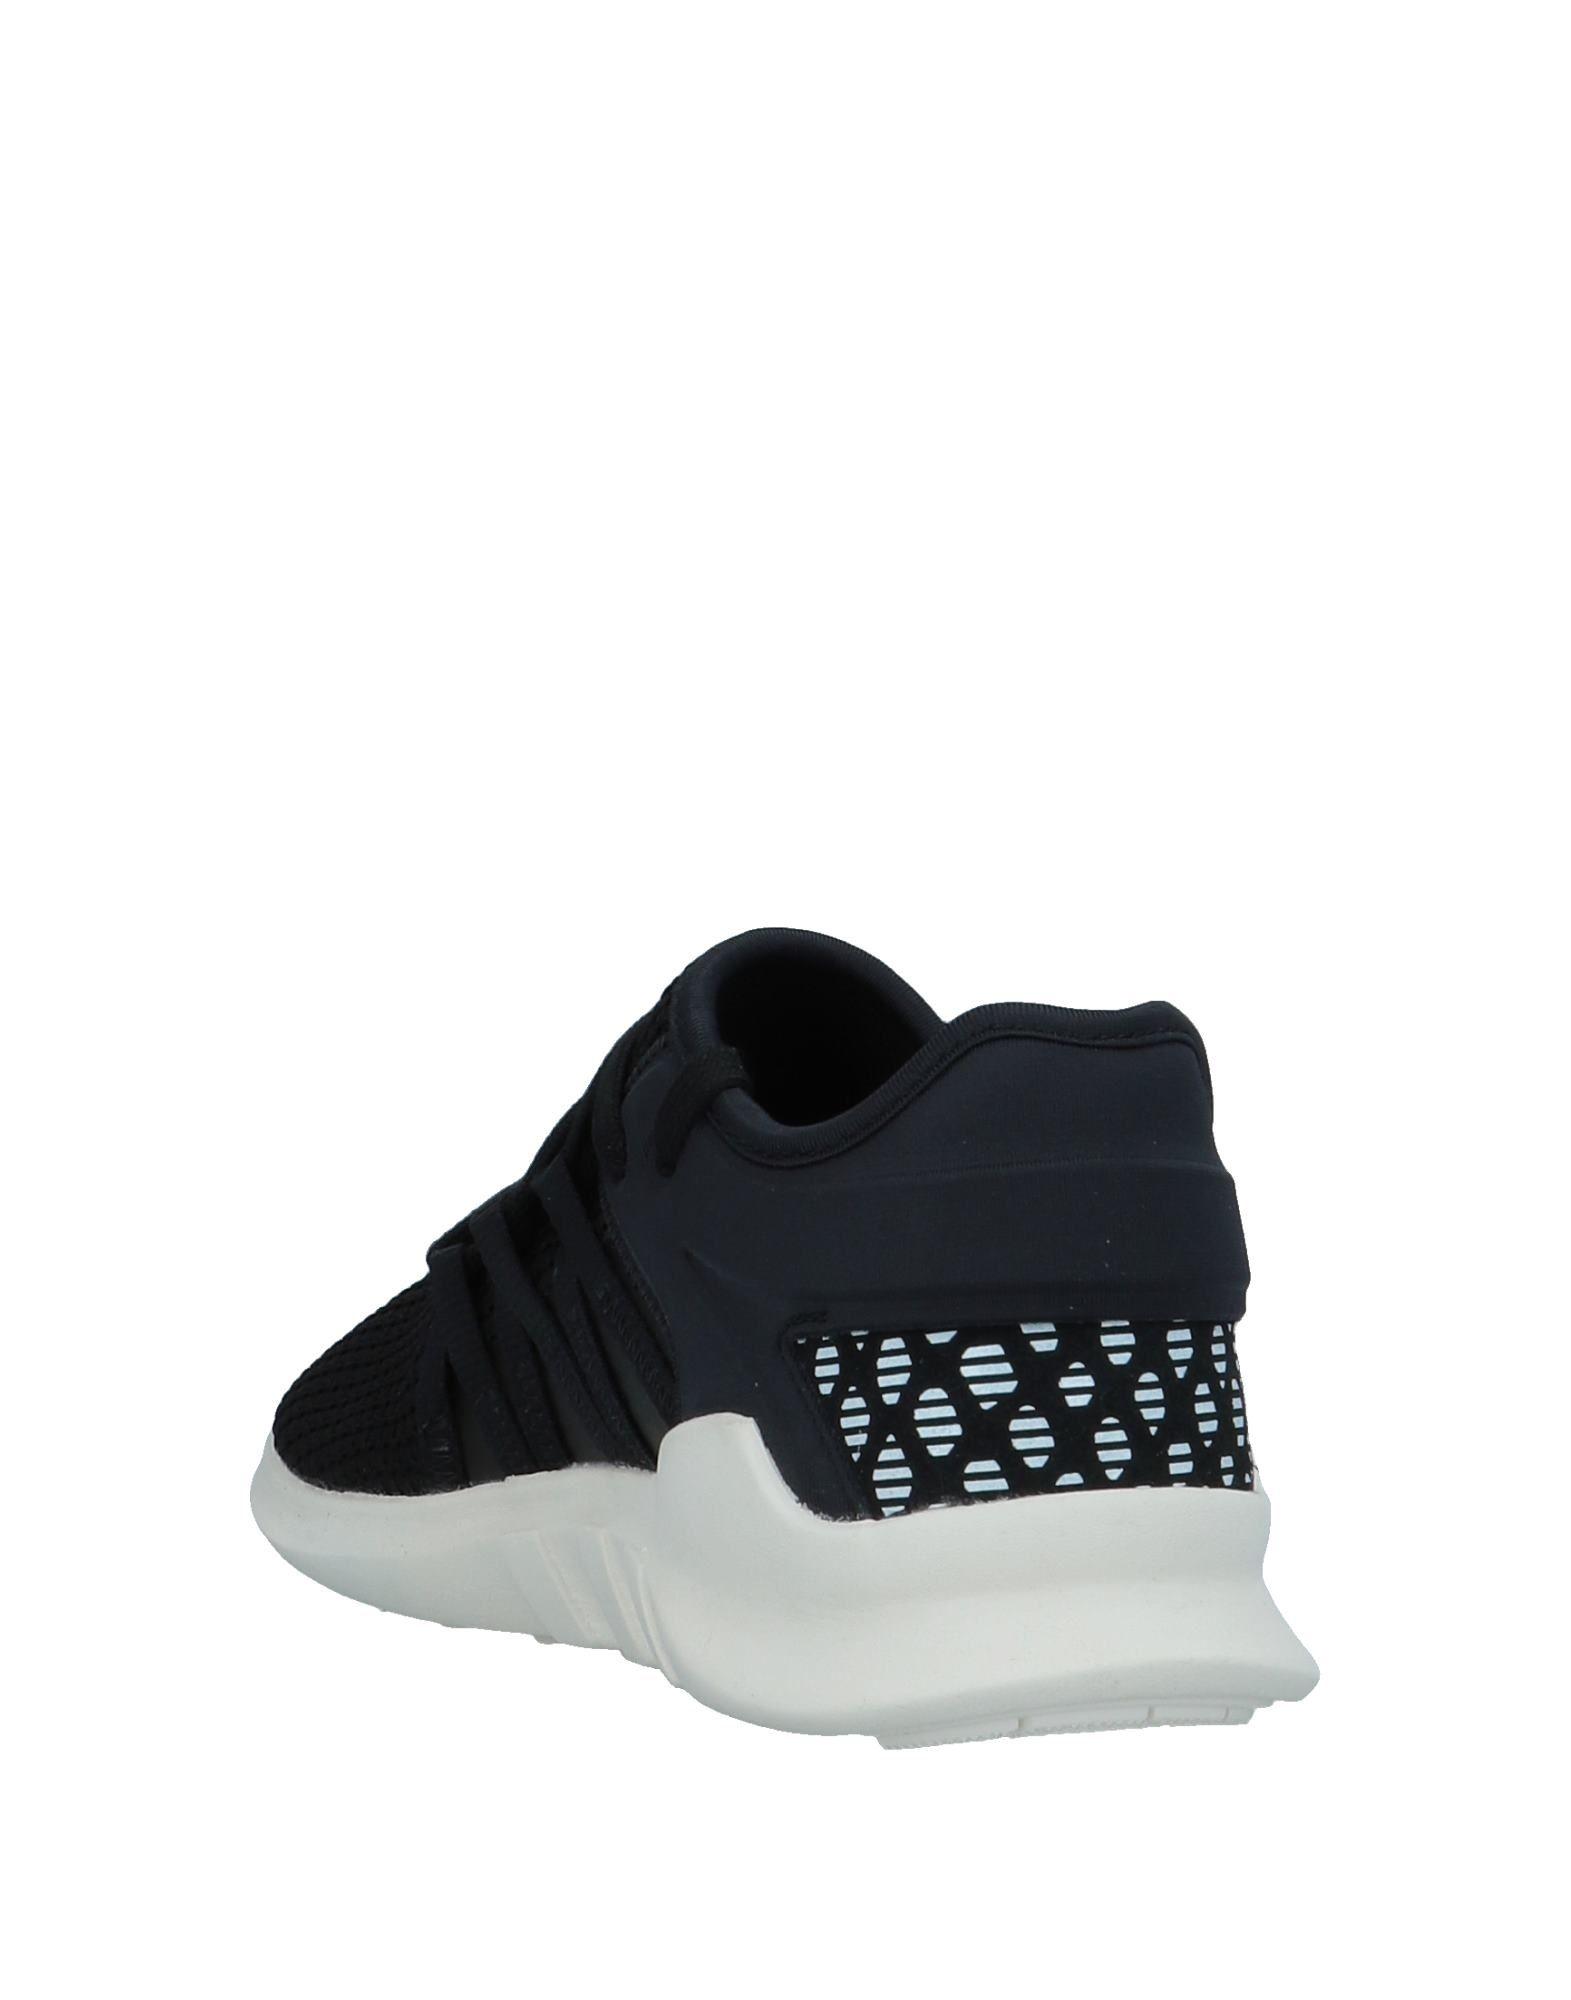 Adidas Originals Gute Sneakers Damen  11537162FS Gute Originals Qualität beliebte Schuhe 4a21f8